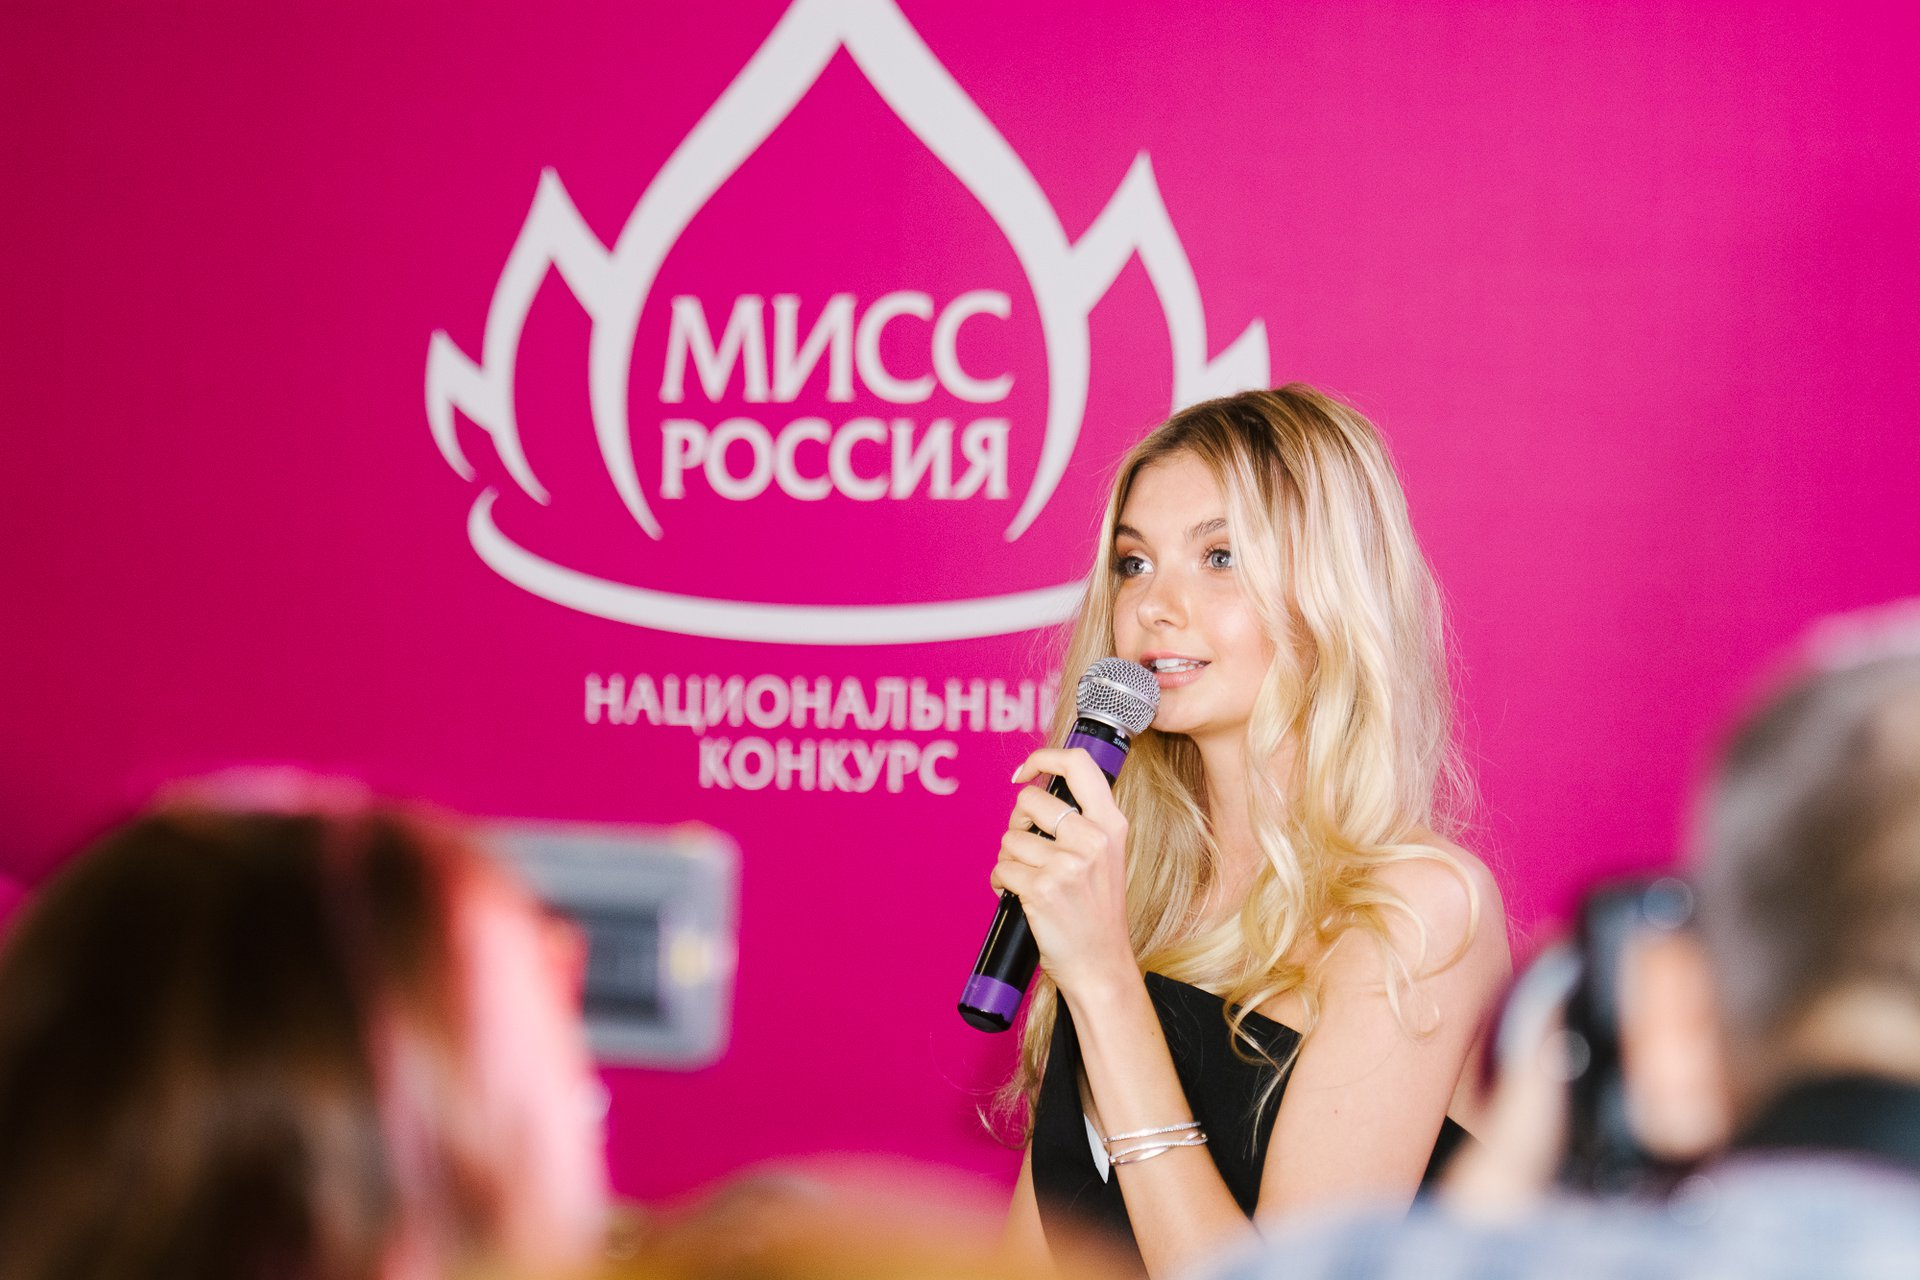 Мисс россия 2018 как проходил